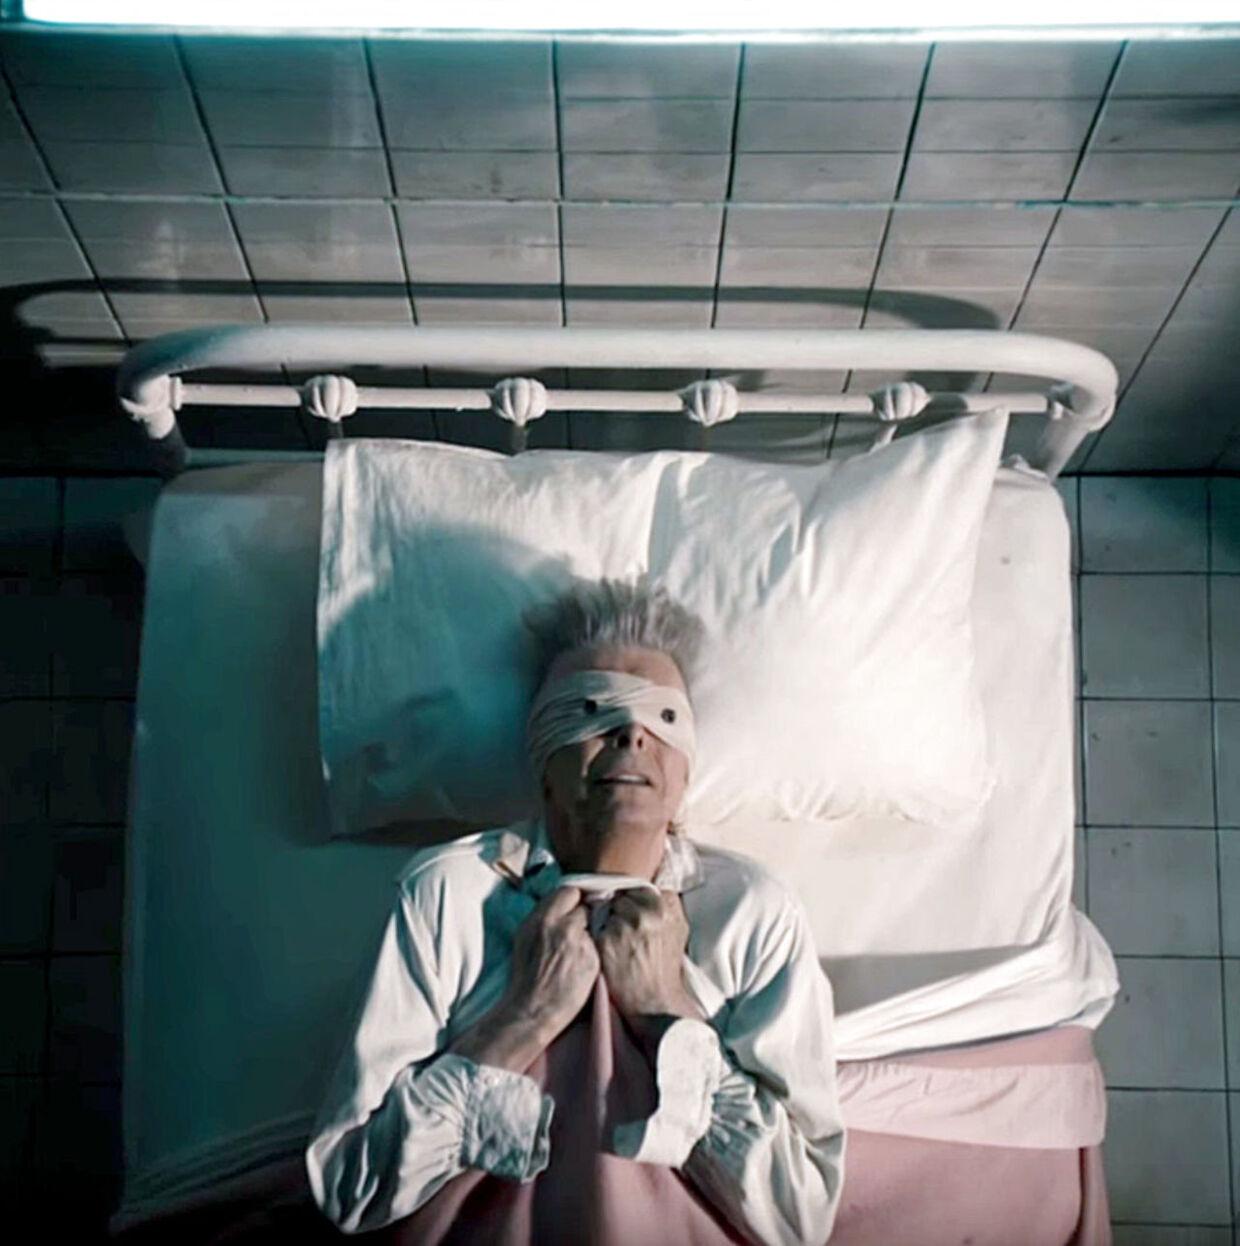 David Bowie var, som Elton John beskriver, meget nøje i iscenesættelsen af sin egen død. Her er han i videoen til nummeret 'Lazarus', hvor han nærmest profetisk forudser sin egen død få dage senere. Videograb fra Lazarus. David Bowie